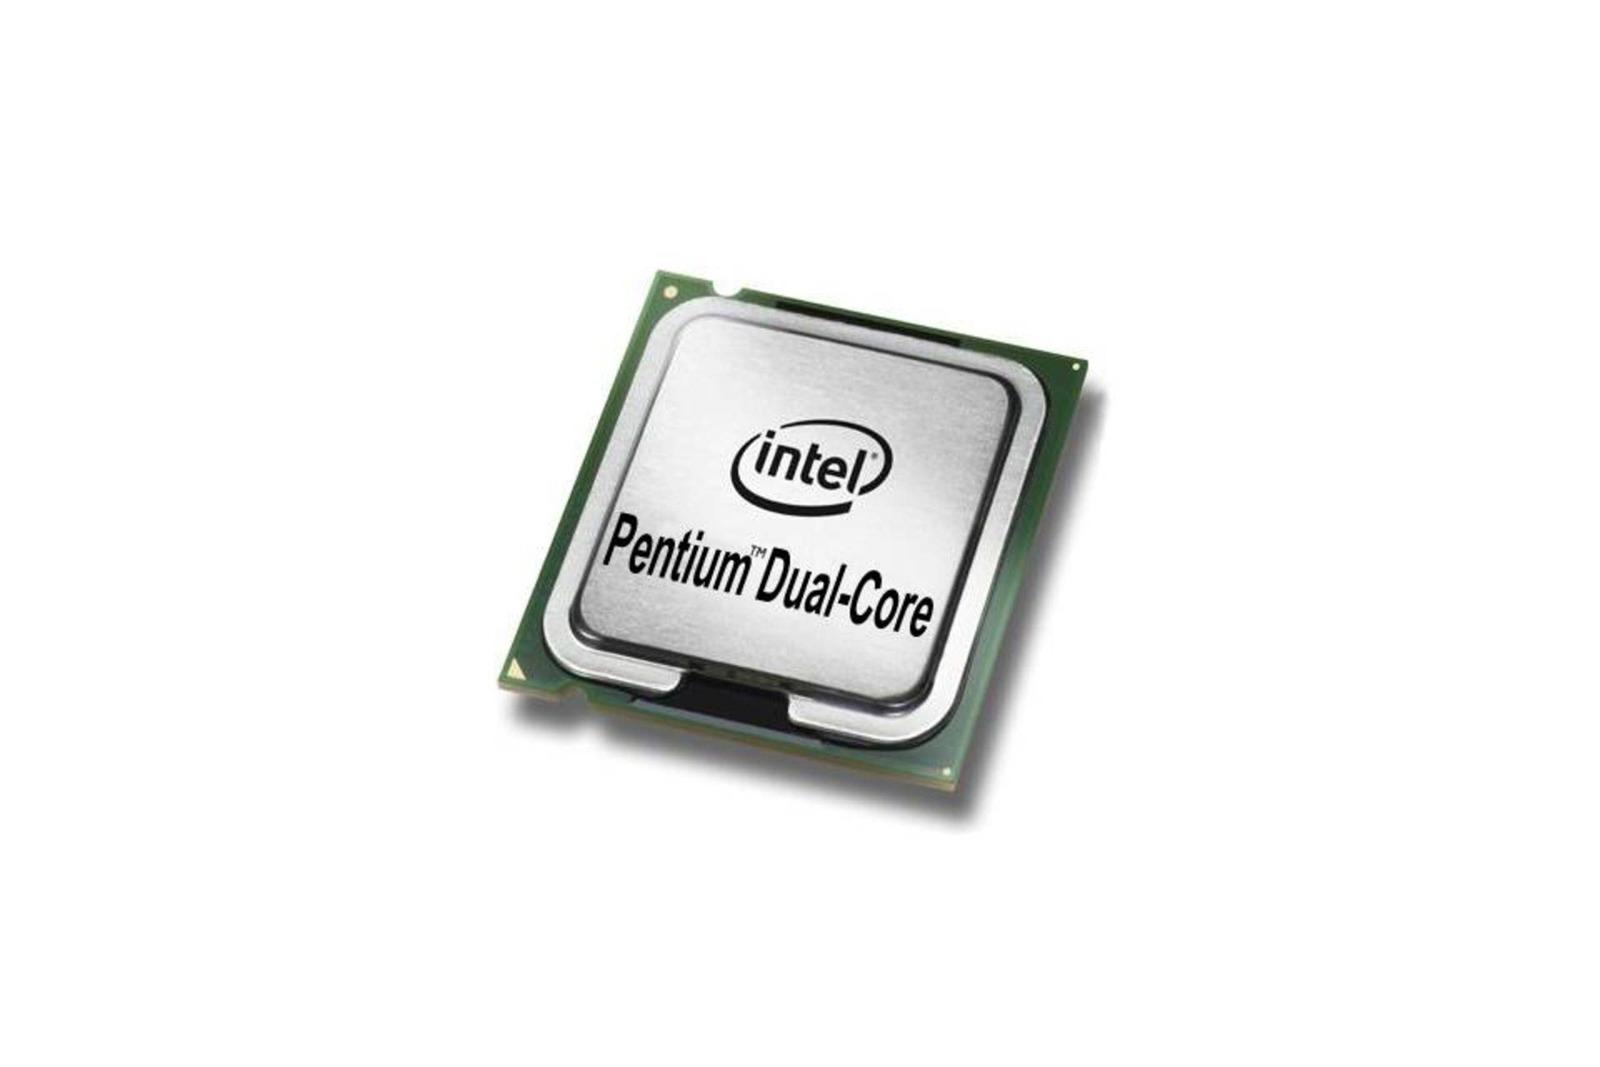 Processor Intel Pentium Dual-Core E5200 2.5GHz 2MB LGA775